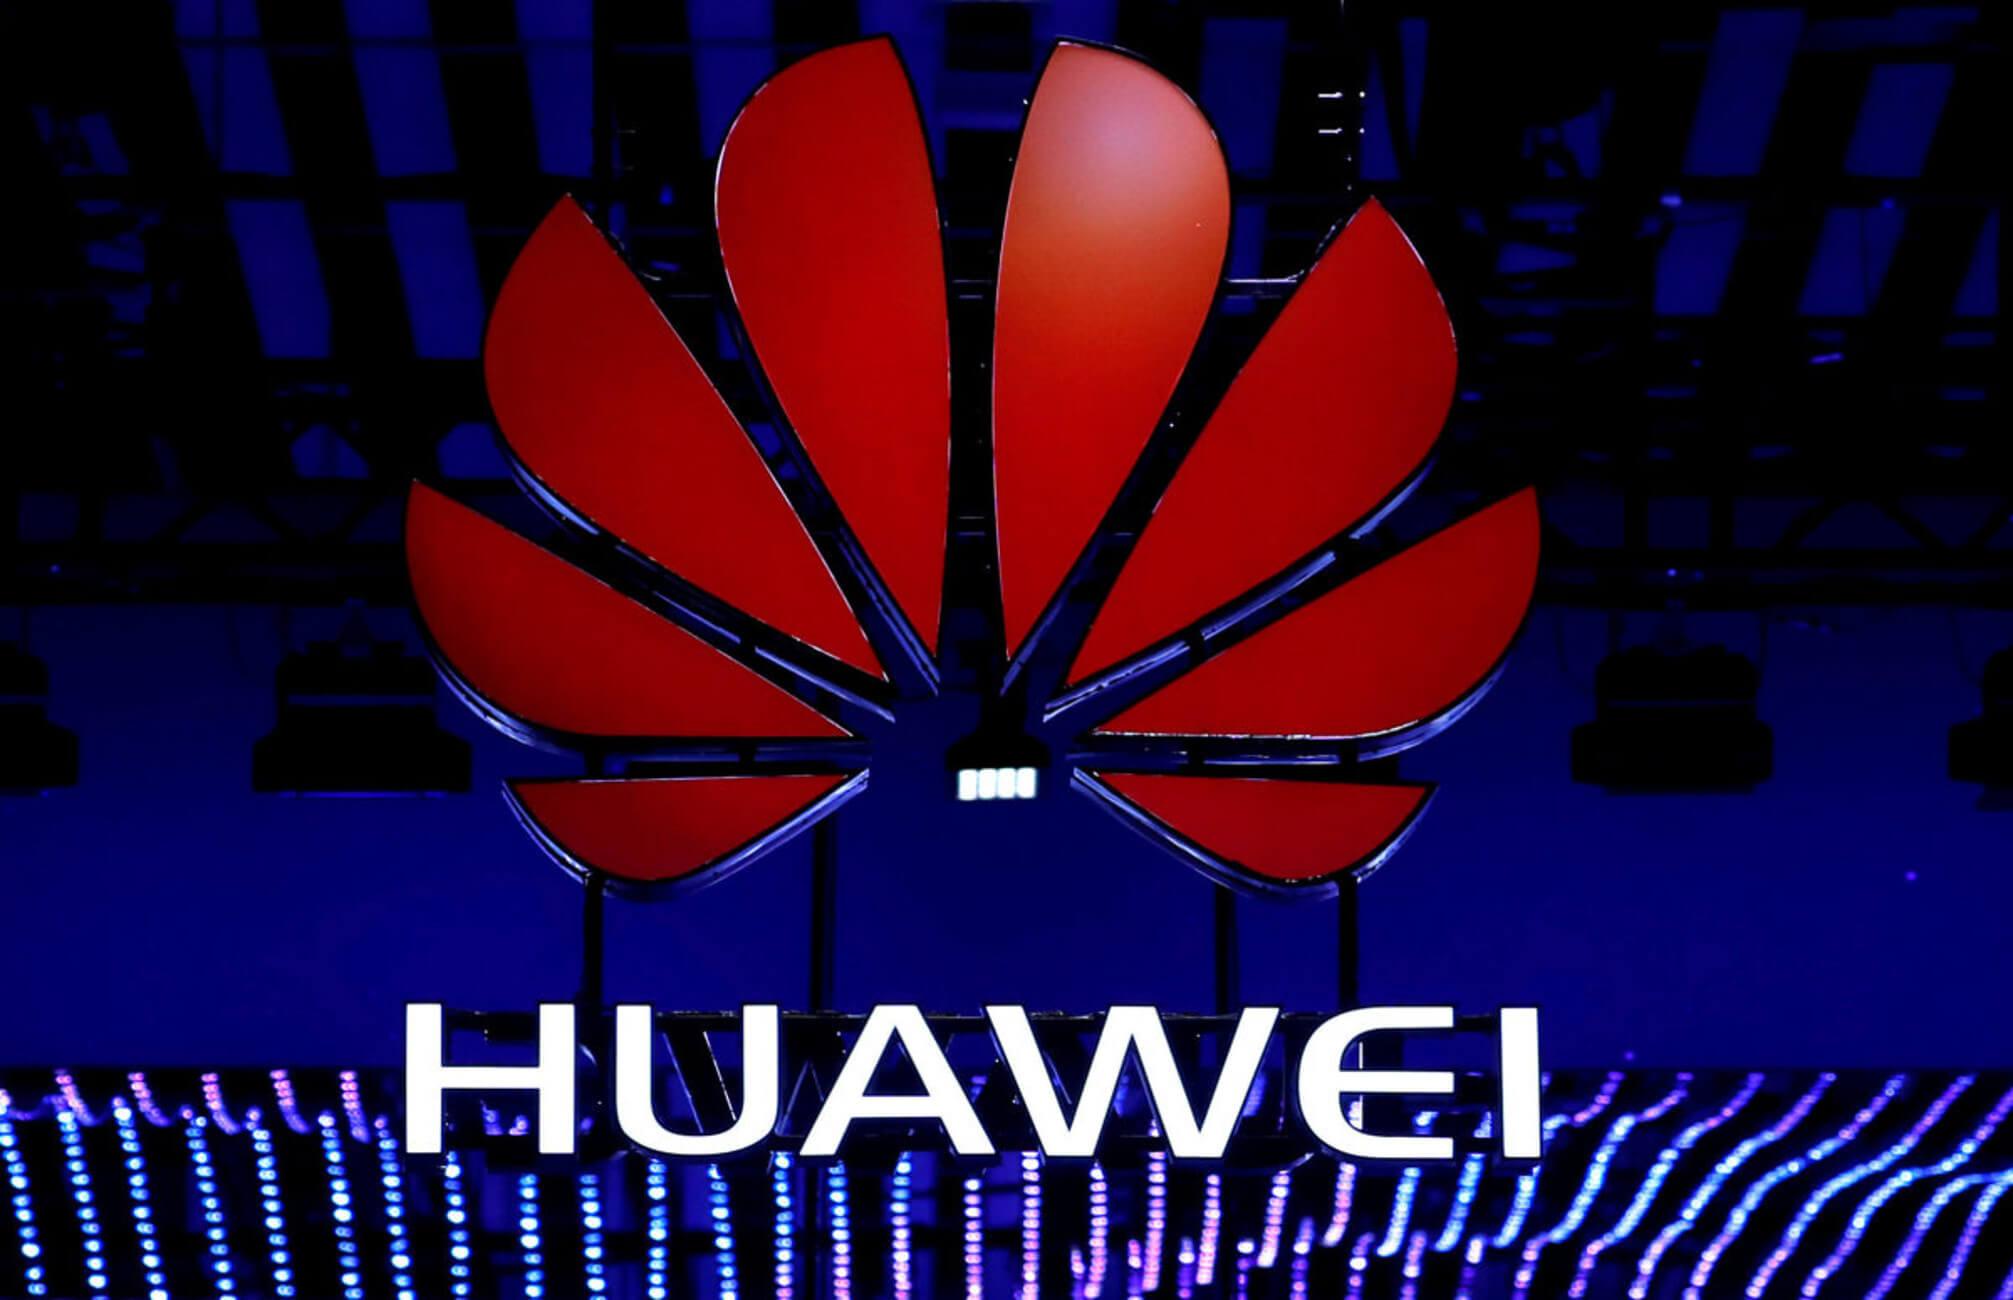 Δανία: Απελάθηκαν δύο υπάλληλοι της Huawei